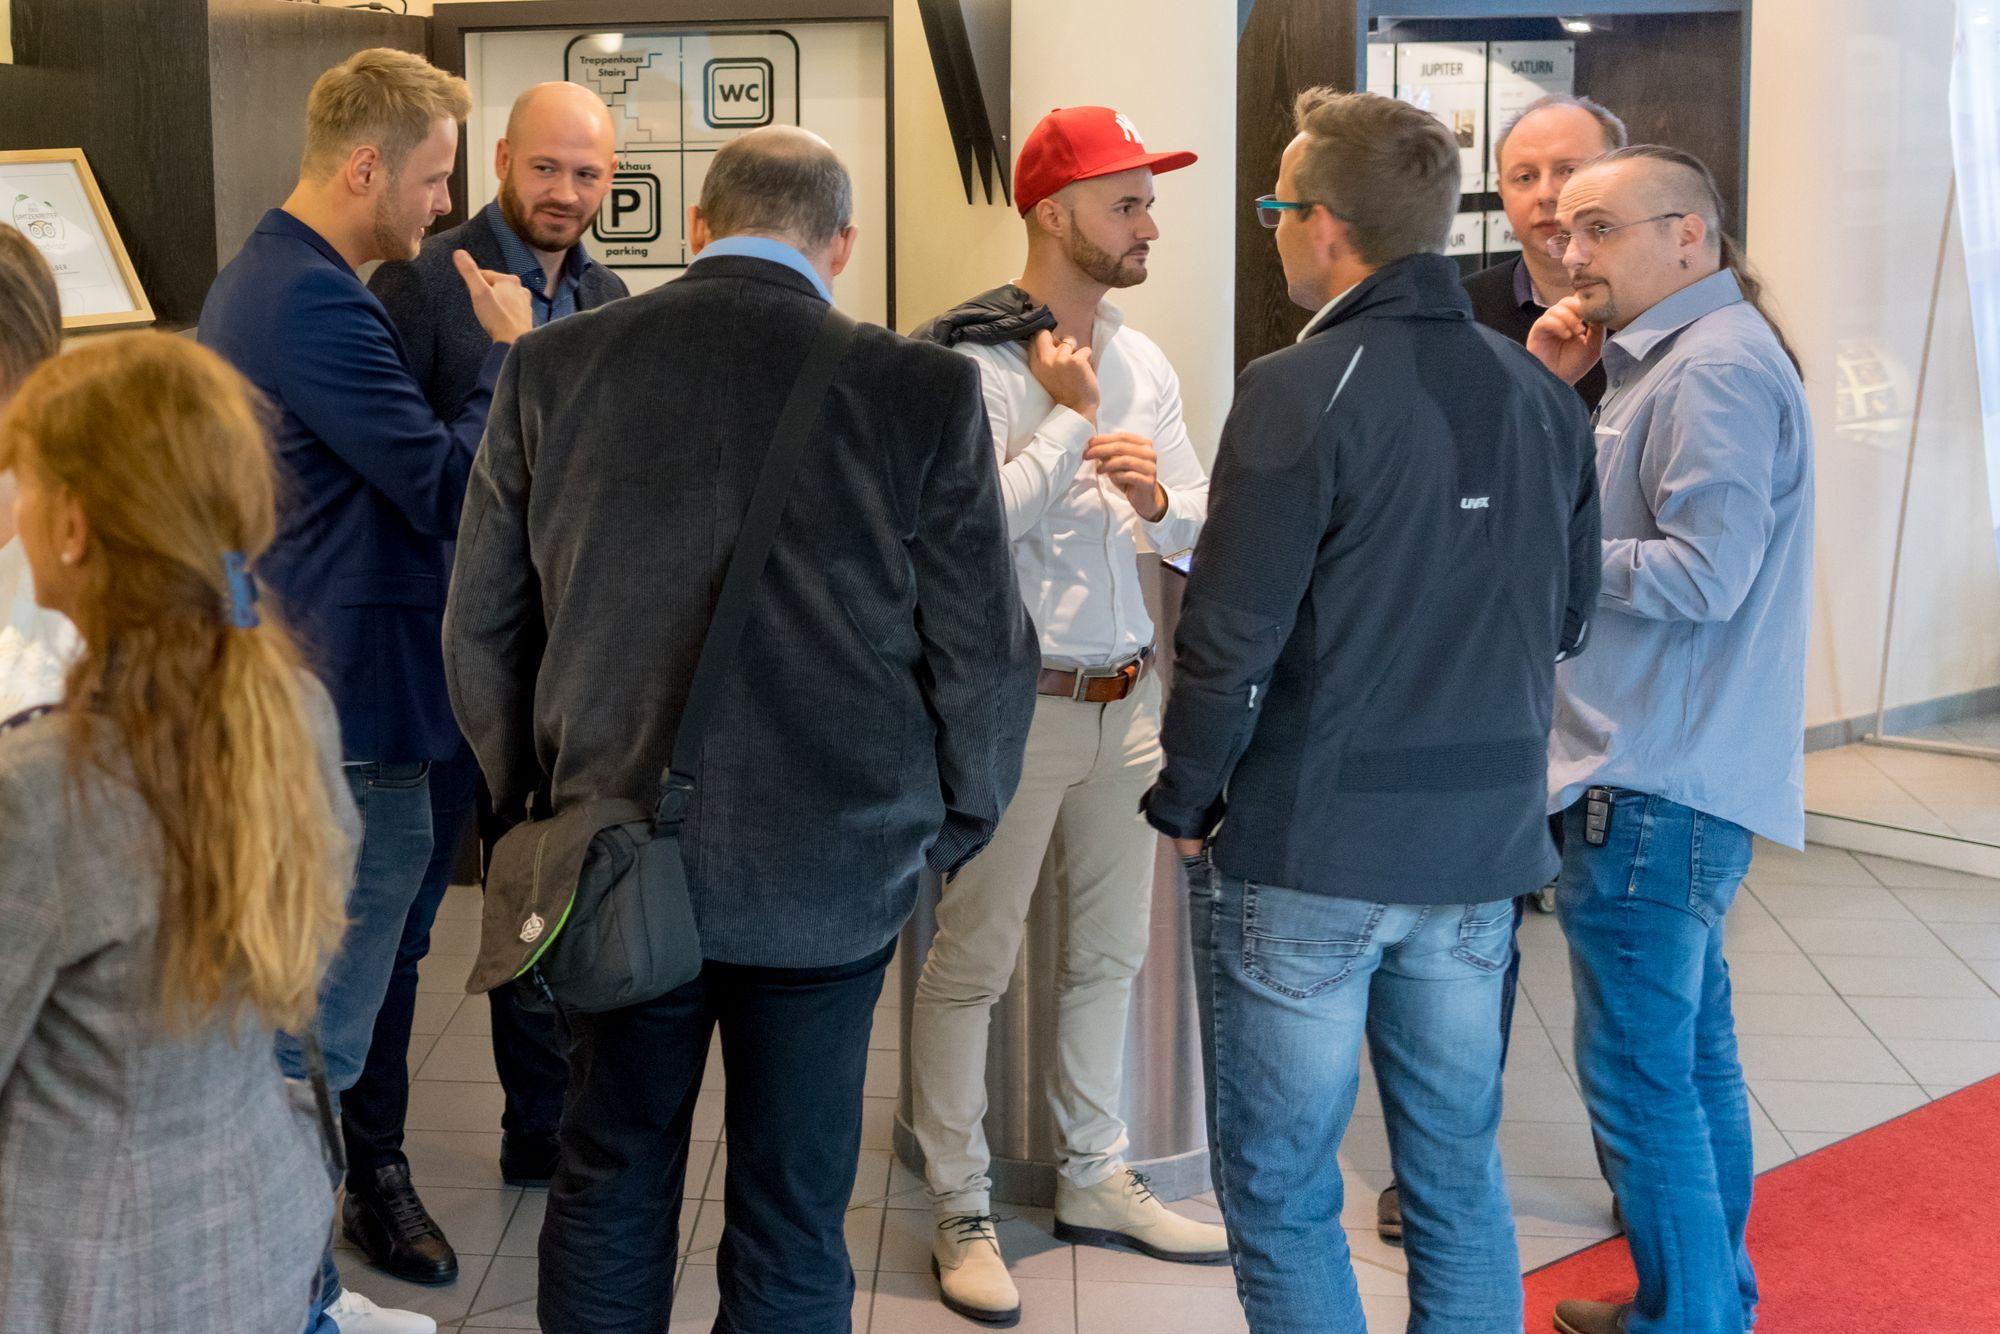 Daniel Hauber und Stefan Beier im Gespräch mit weiteren Teilnehmern auf dem Builderall Everest 2018 in Nürnberg (Germany)